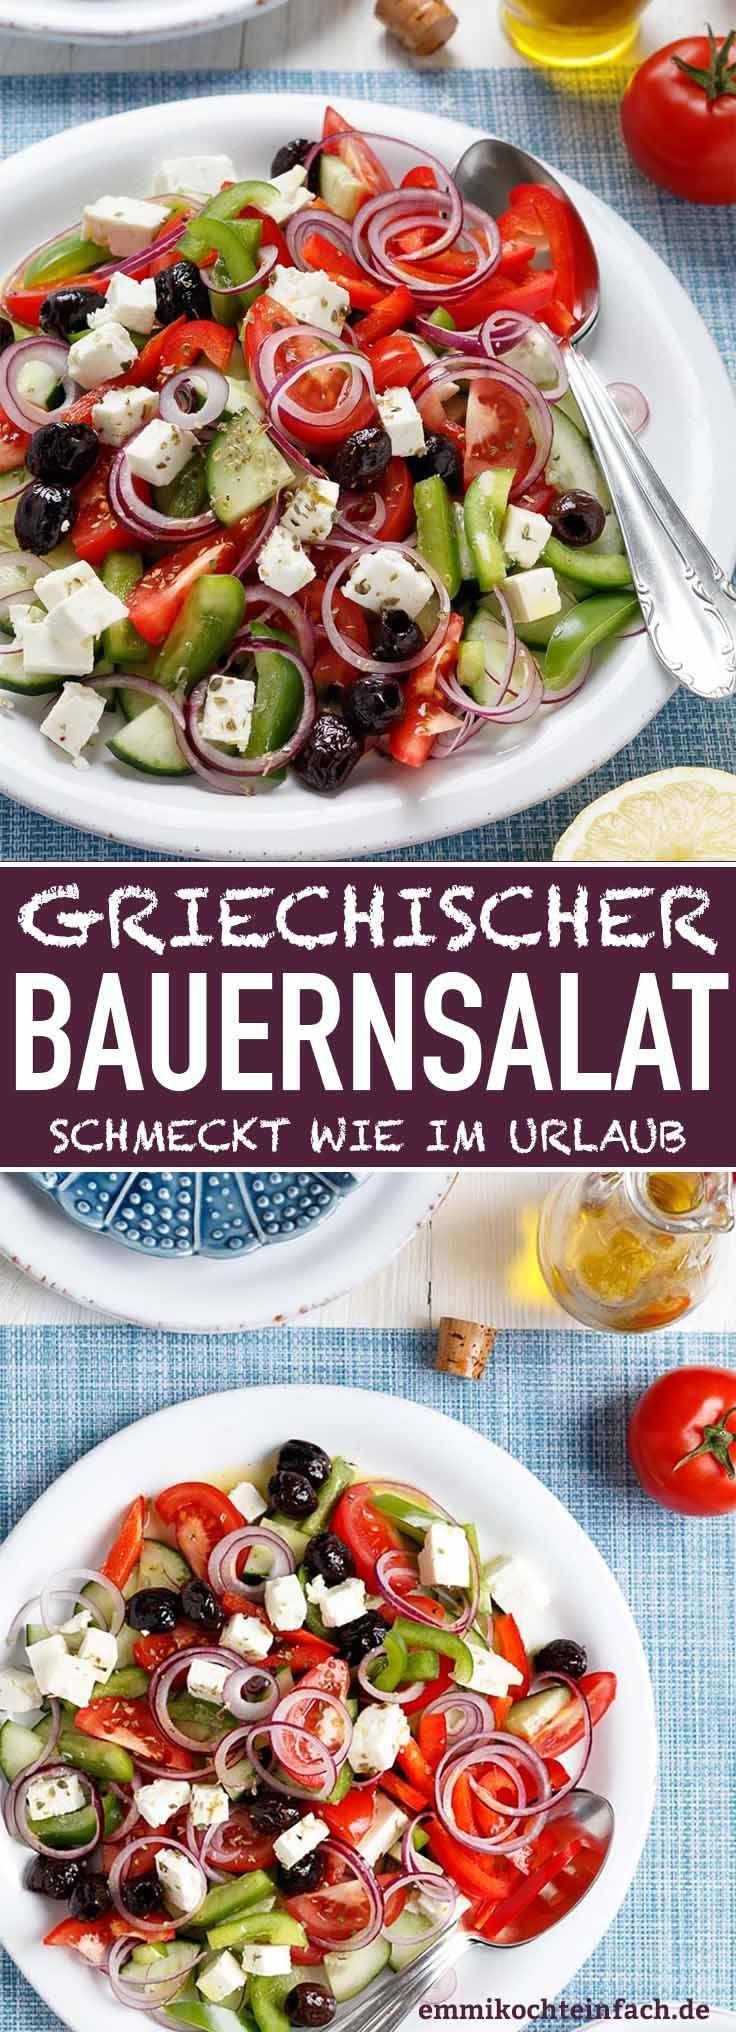 Griechischer Bauernsalat - so schnell und einfach - emmikocheinfach - Der Food-Blog mit einfachen Rezepten, die gelingen - #Bauernsalat #Die #Die # ...